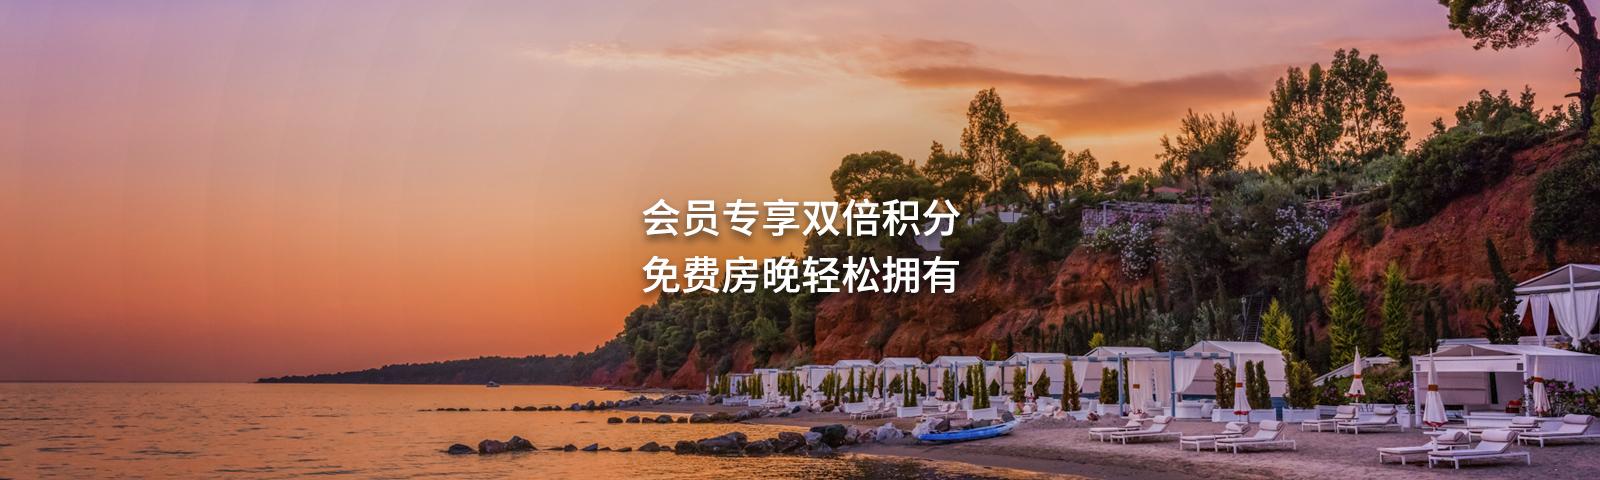 约惠立鼎世 | 会员专享双倍积分_立鼎世酒店集团_lhw.cn